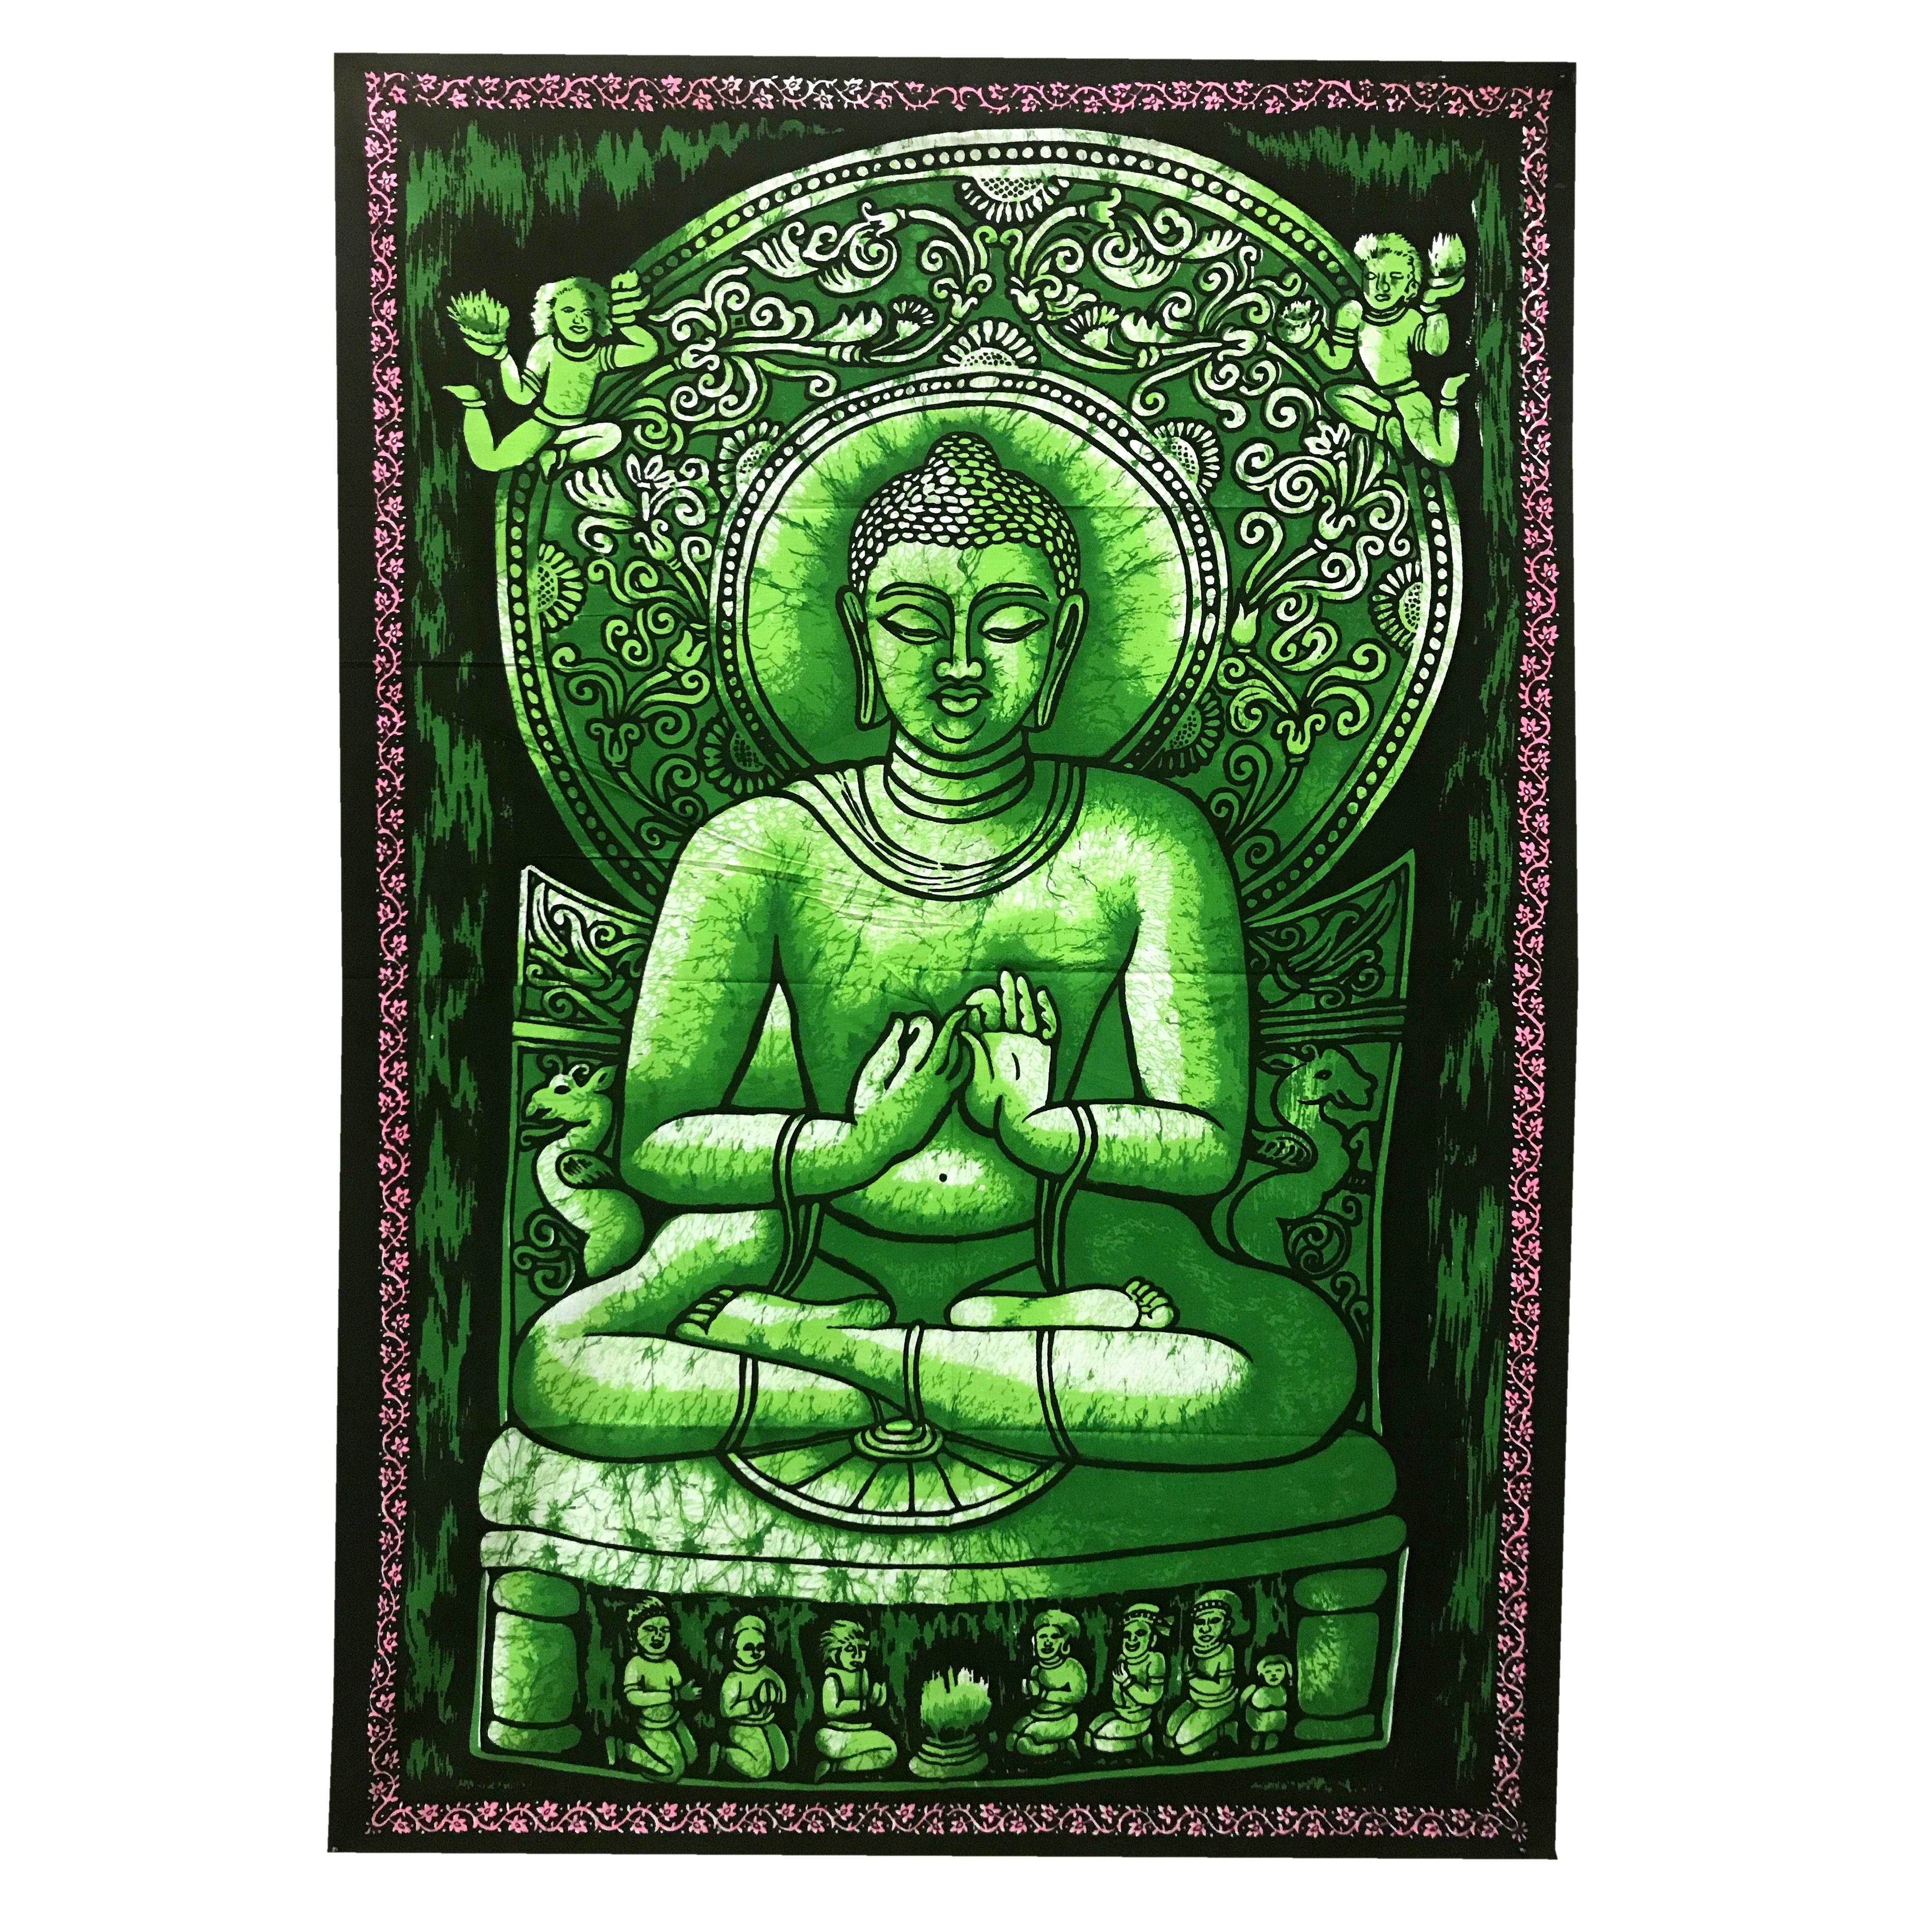 Панно тканевое будра мудра зеленый фон 80х107см (зеленый)